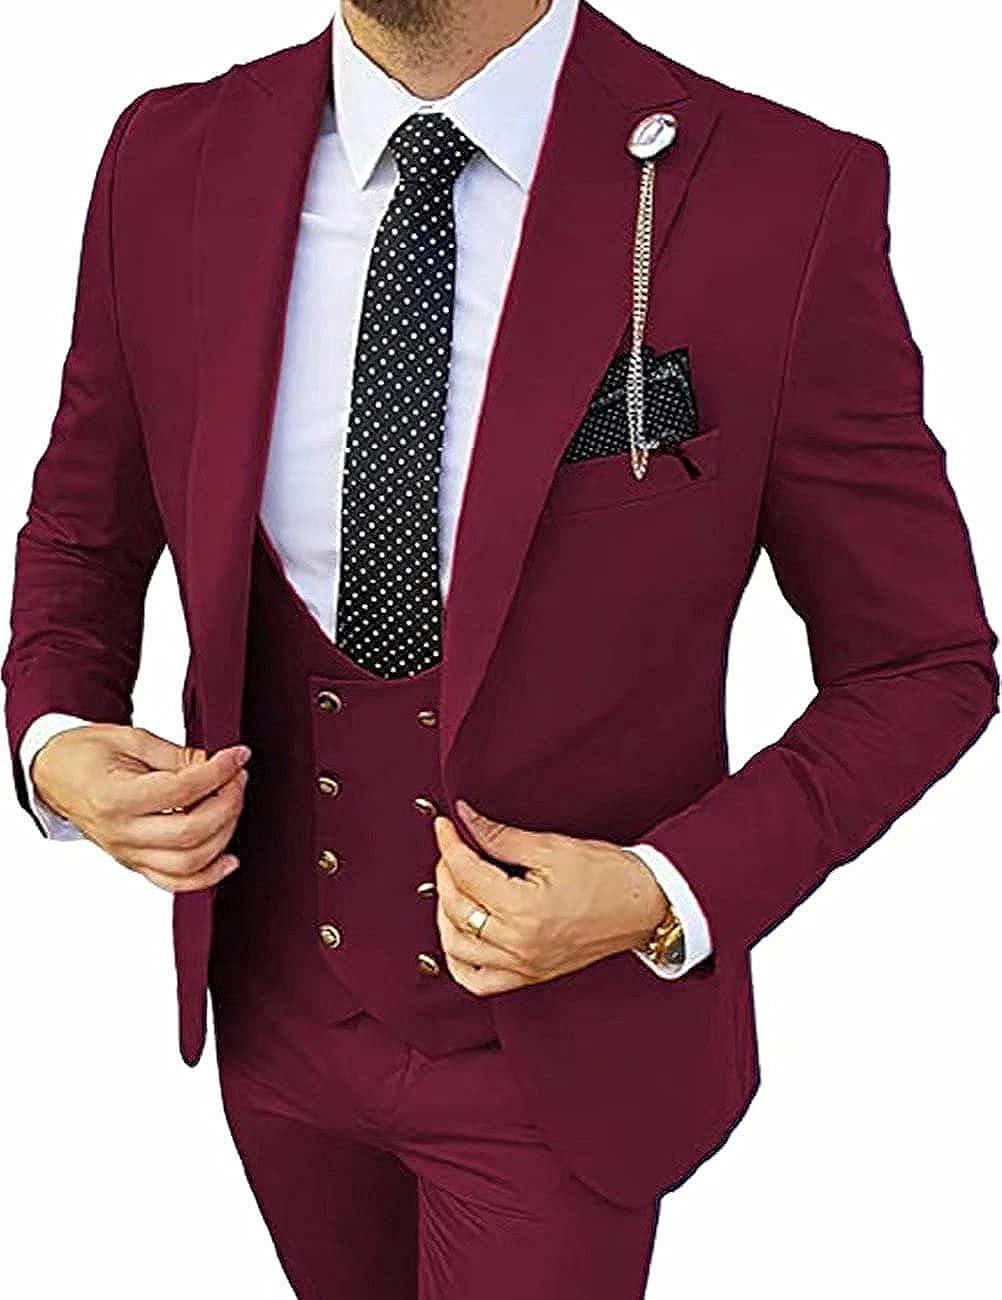 Men's Formal Suit Regular Fit 3 Piece Solid Prom Tuxedos Business Suits Set(Blazer+Vest+Pants)